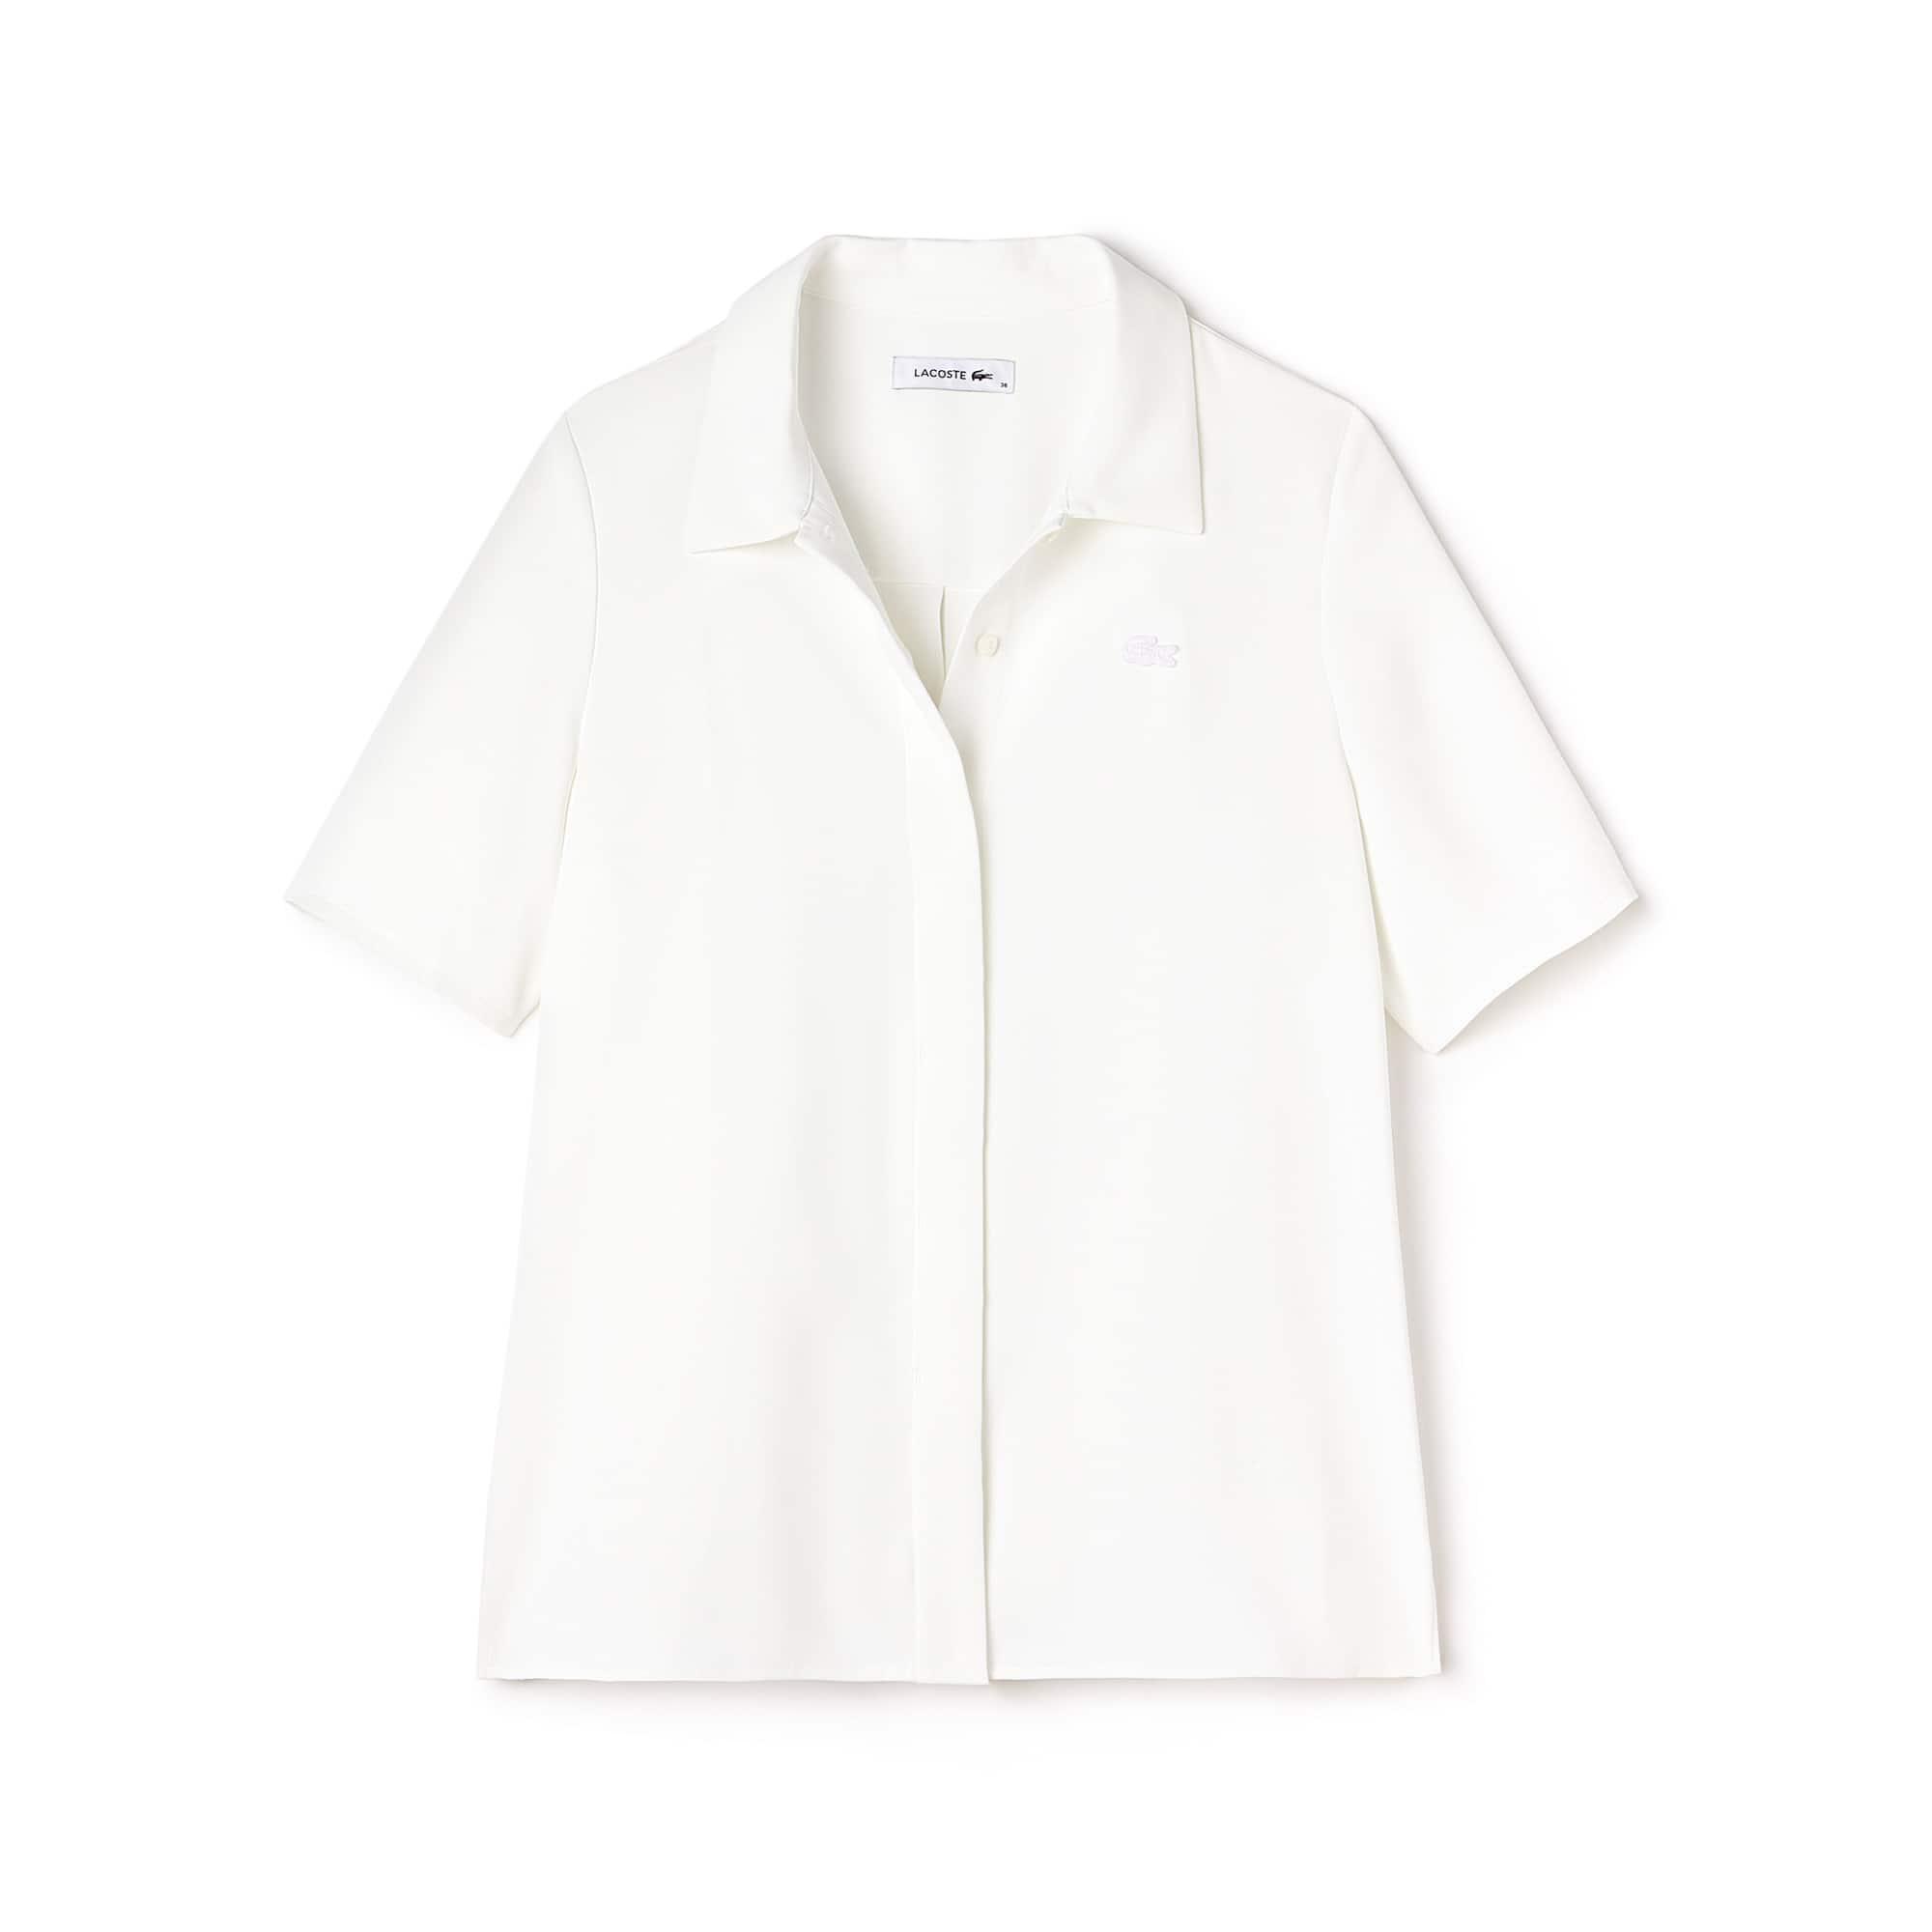 قميص نسائي بقصّة عاديّة من الكريب